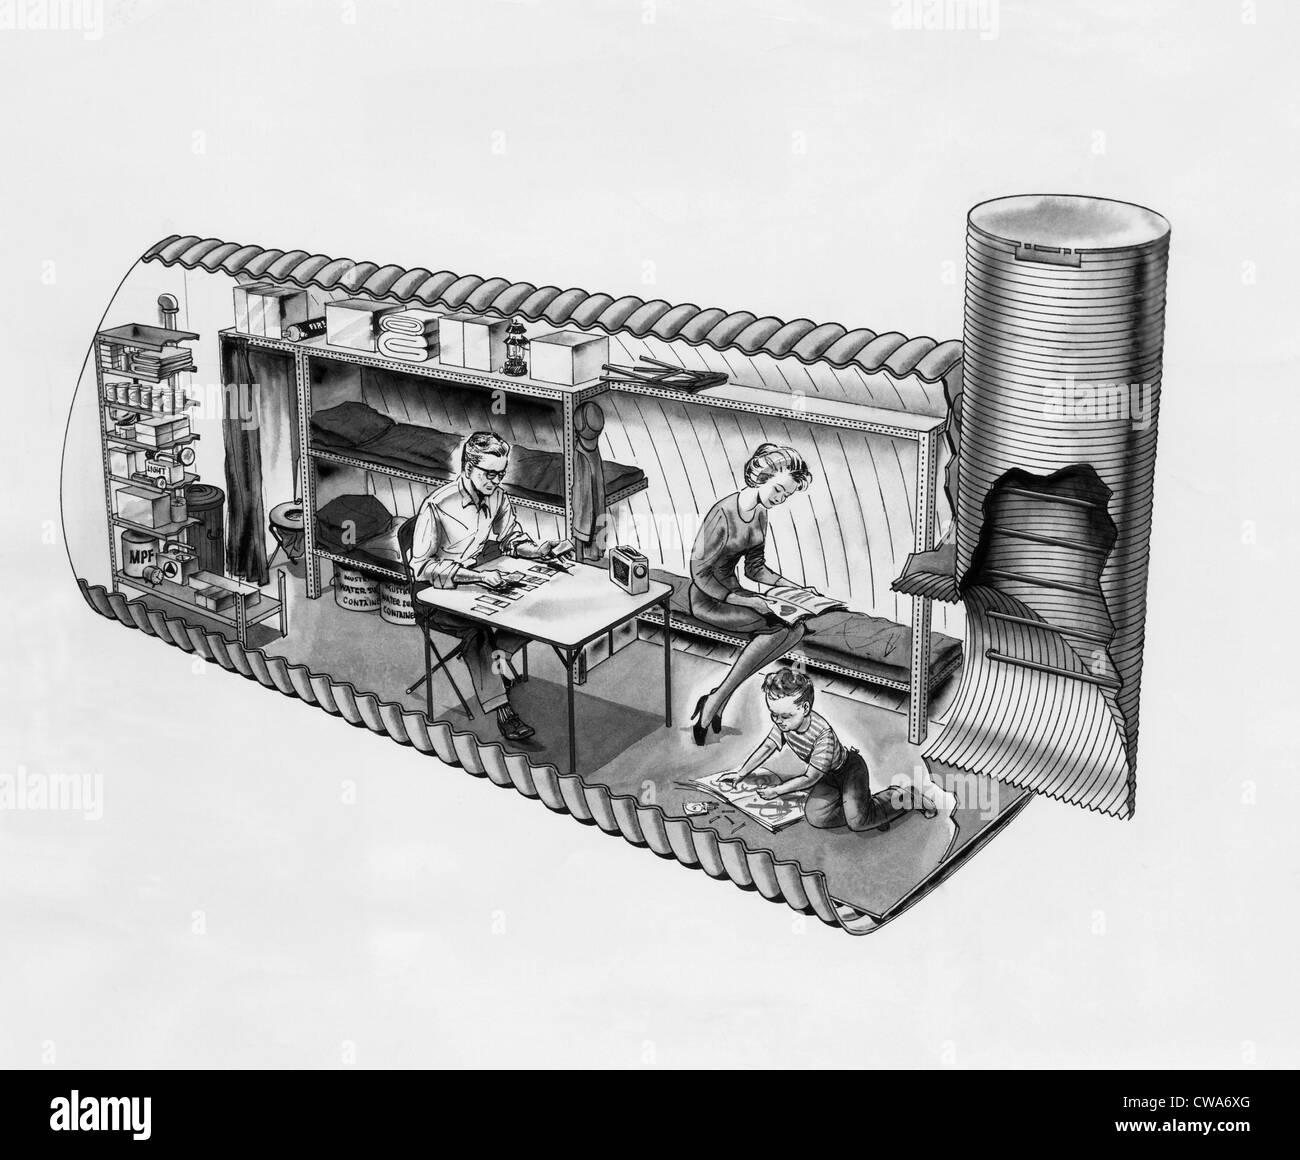 Una ilustración de prefab fallout refugios, diseñado para ser colocado debajo de una cubierta de tierra, Imagen De Stock